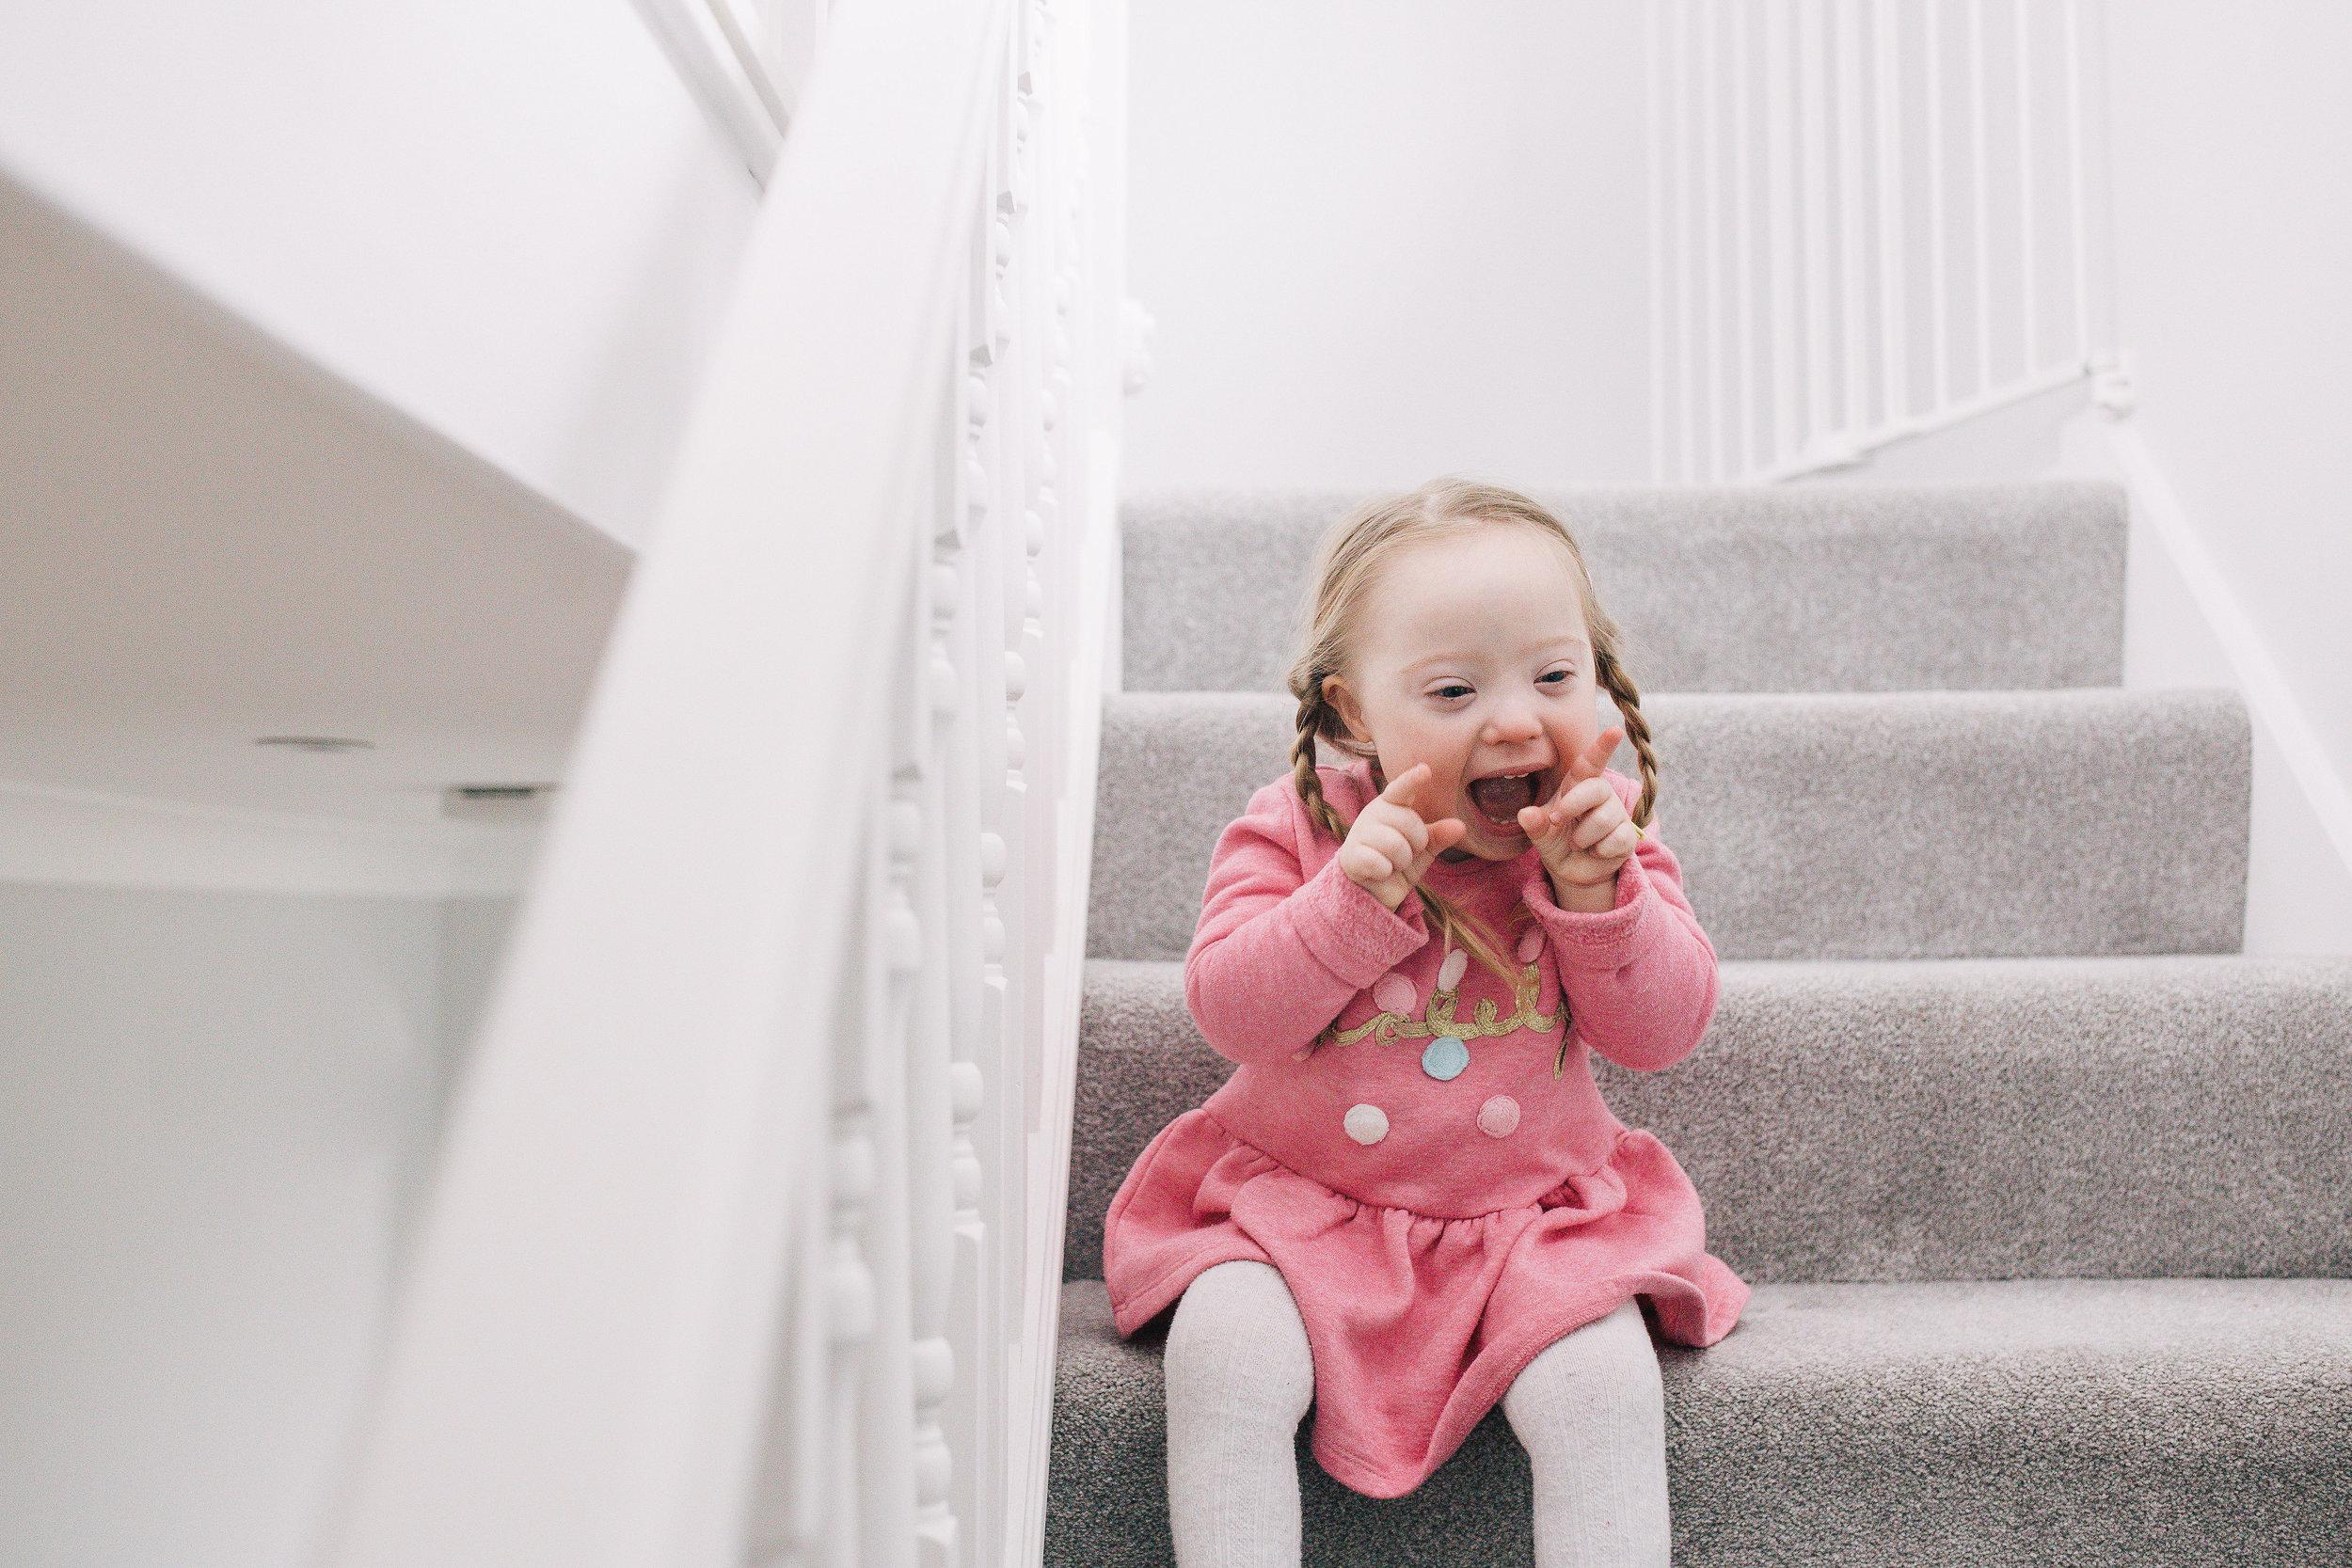 laura mott photography bump toddler photographs-013.jpg